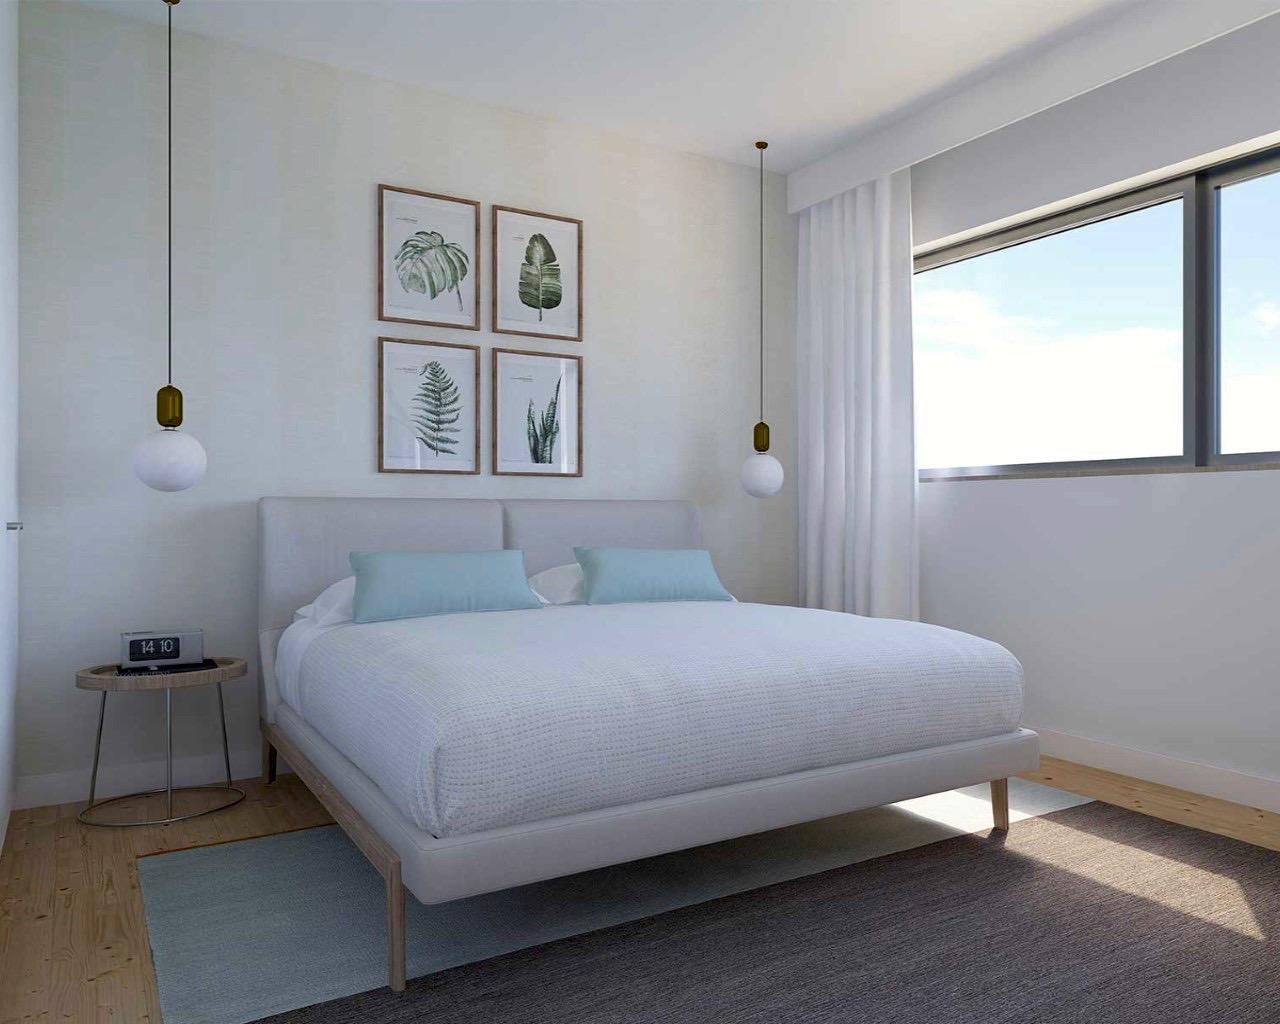 Images Maison contemporaine de 3 chambres dans un condominium fermé à Ferragudo